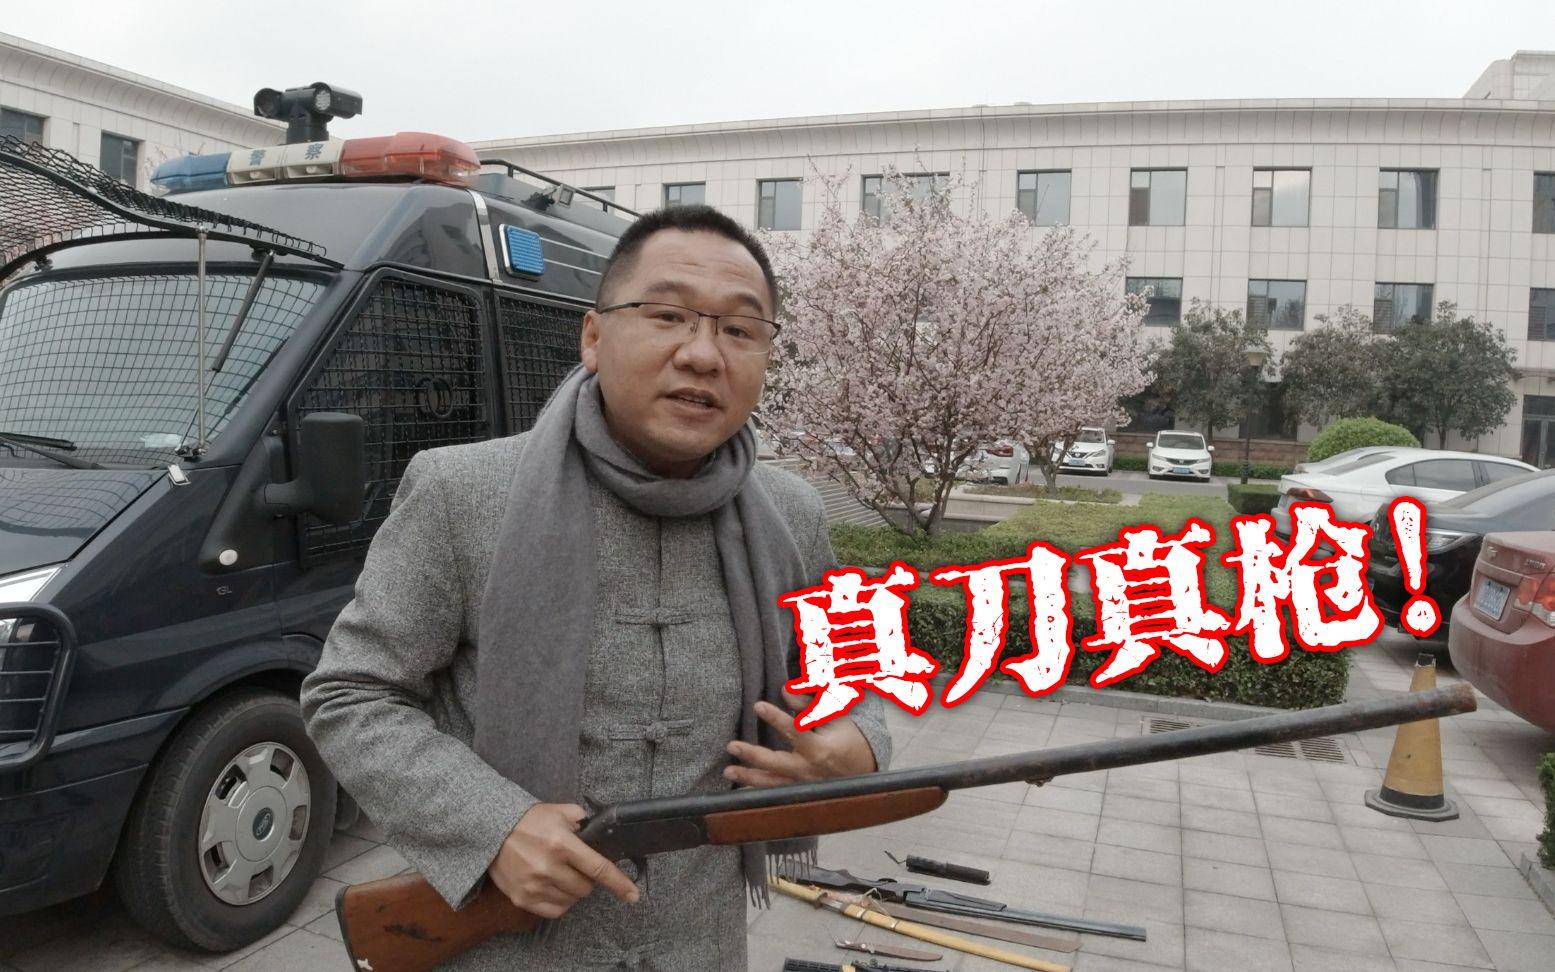 【真实案例】枪伤、刀伤,内容可能引起不安!